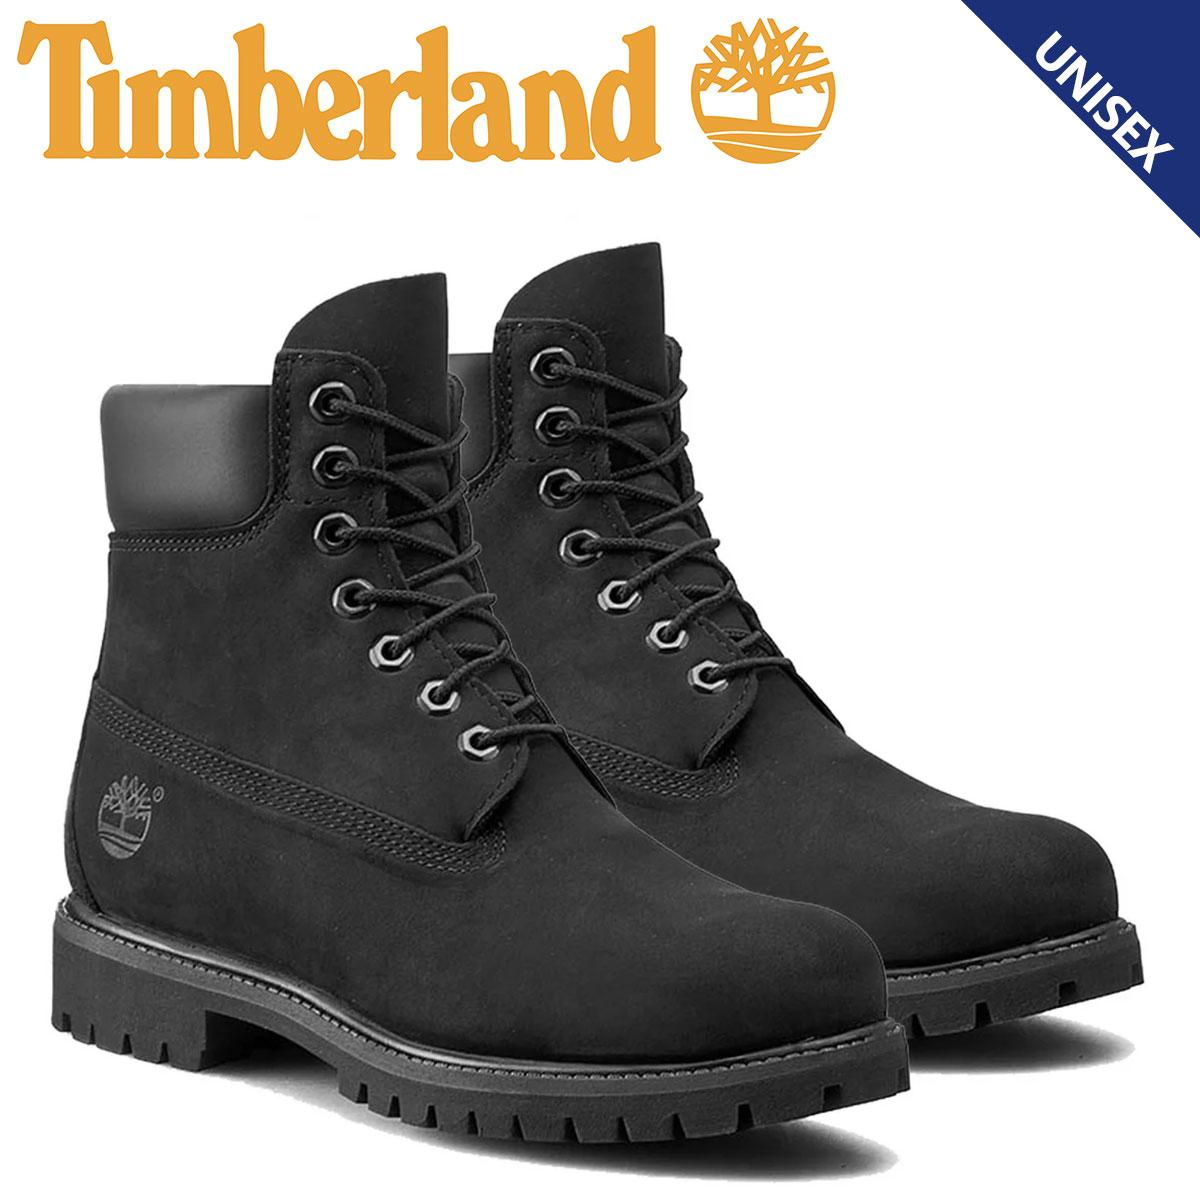 ティンバーランド ブーツ メンズ レディース 6インチ Timberland 6INCH PREMIUM WATERPROOF BOOTS 10073 プレミアム ウォータープルーフ 防水